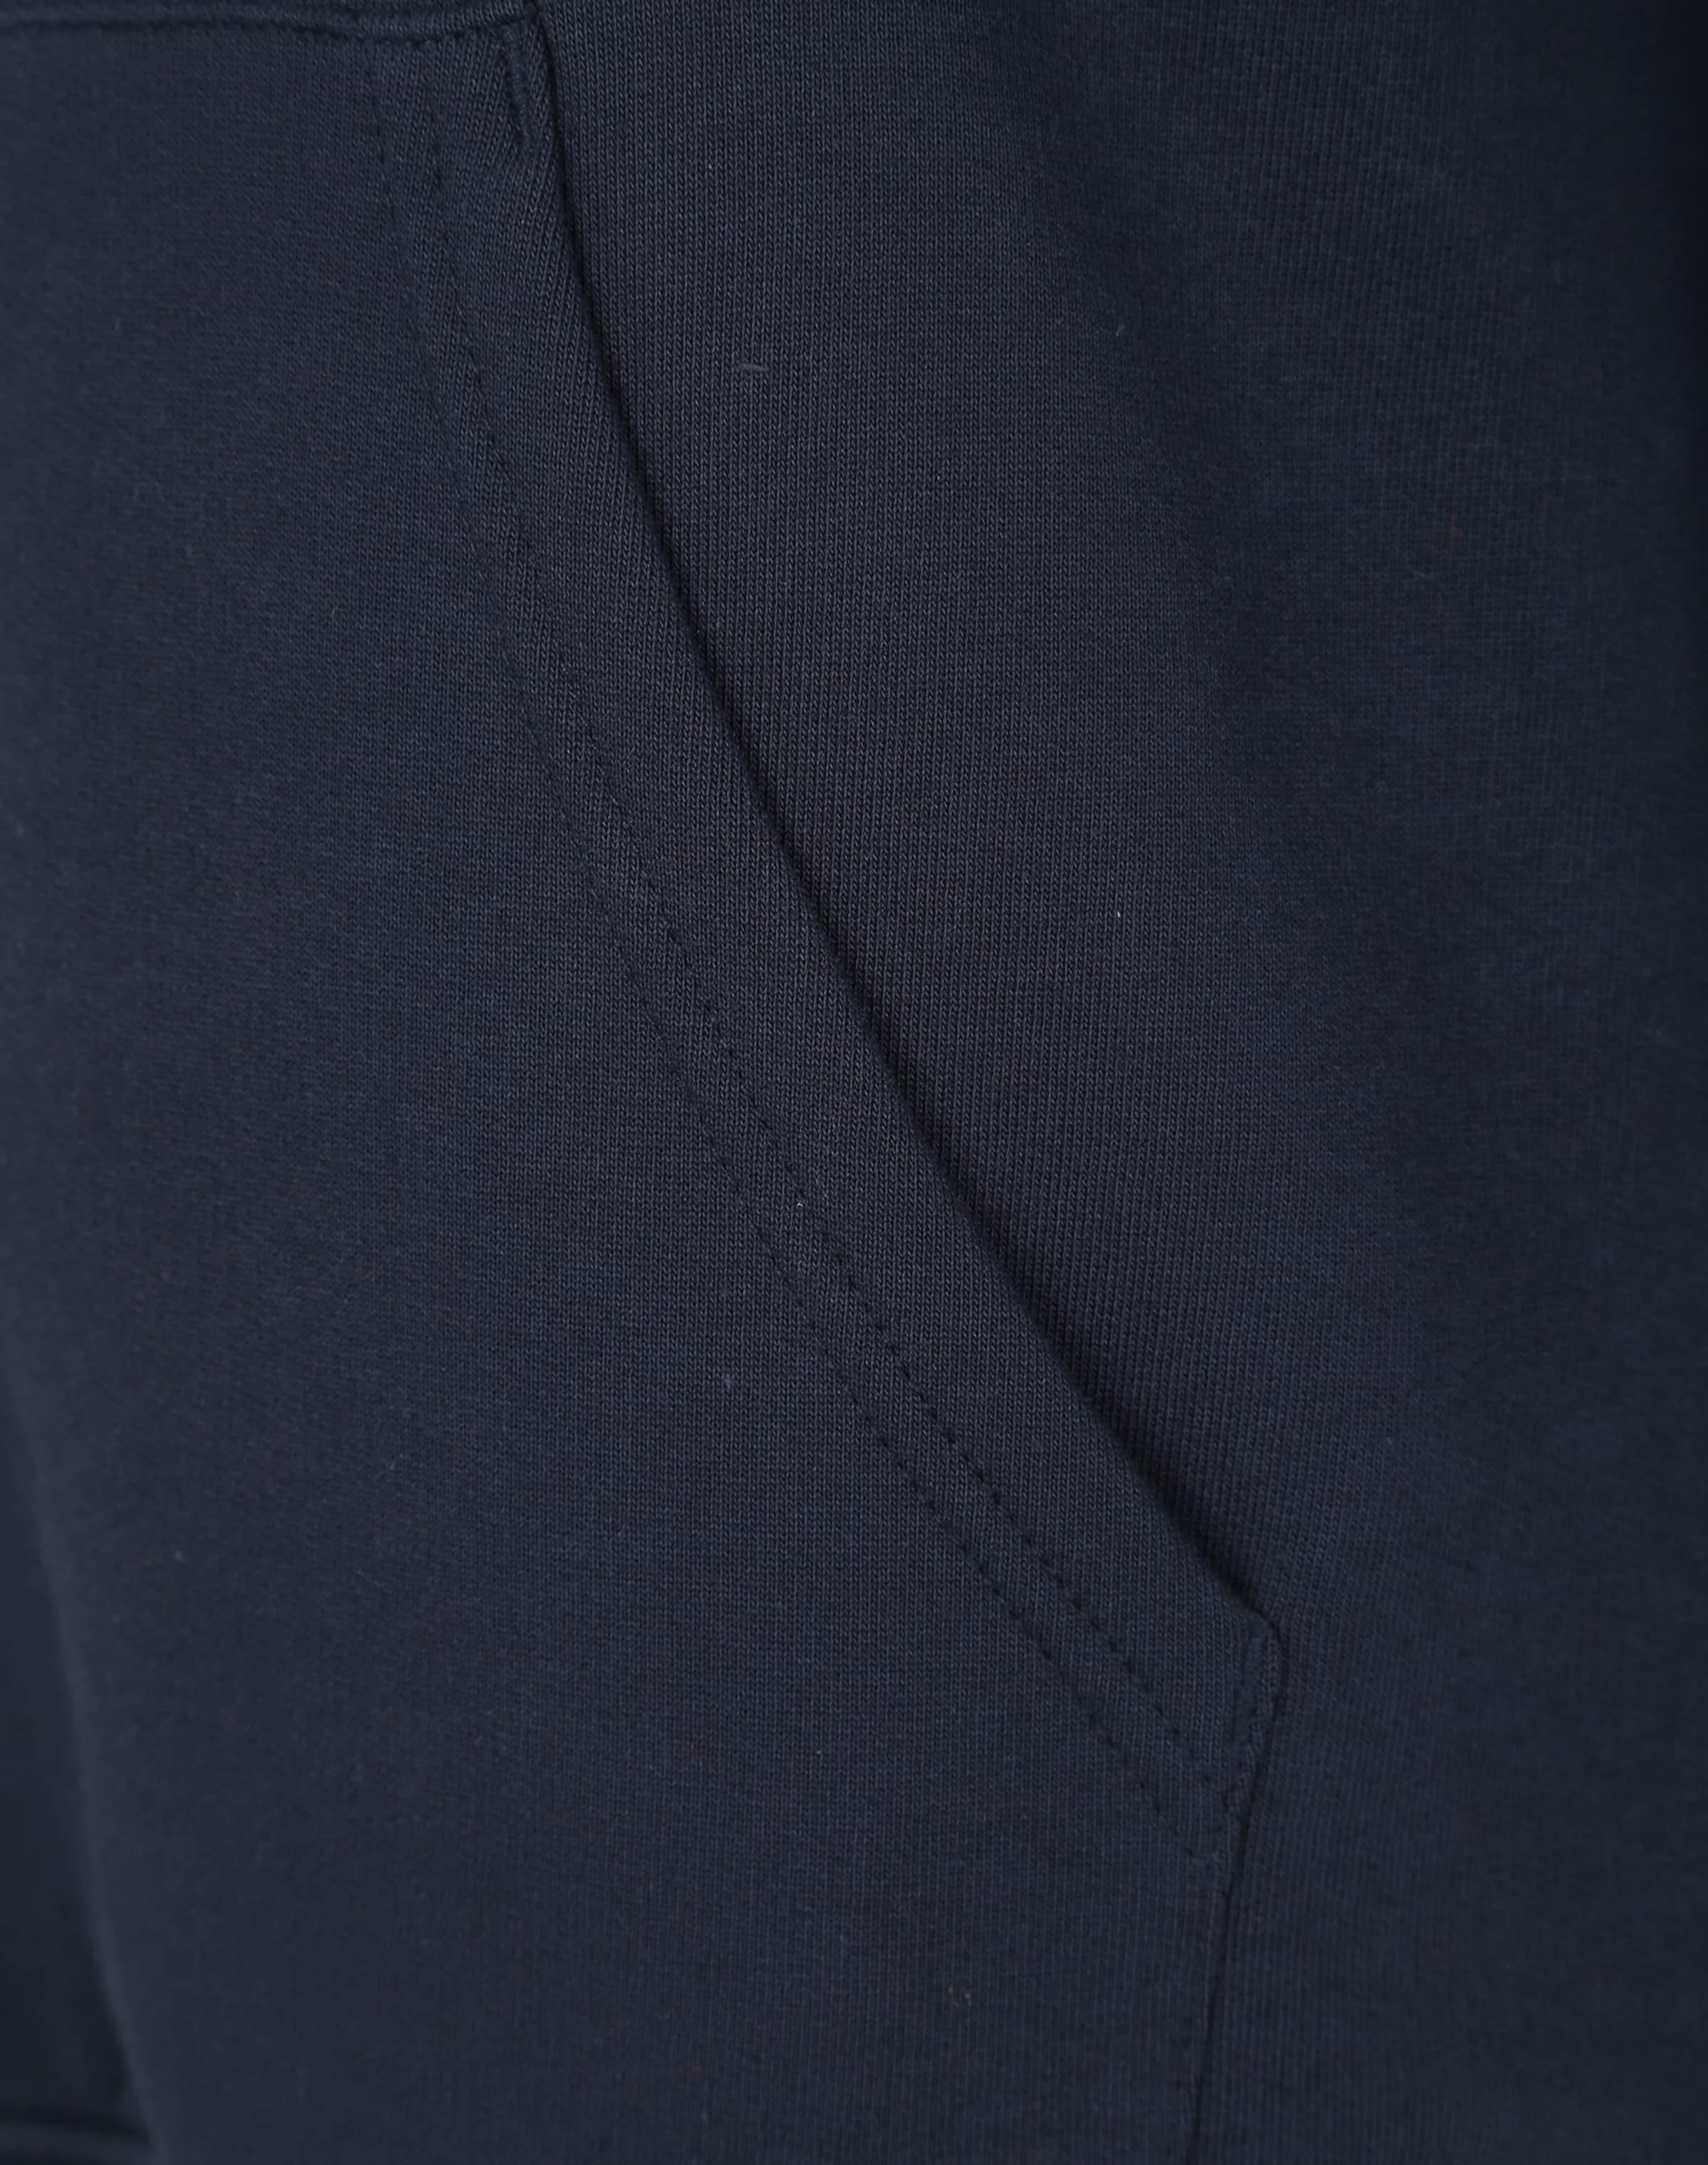 THE NORTH FACE Sweater mit Label-Stickerei Billig 2018 Neueste Günstig Kaufen Für Schön KvWhvGeV3N